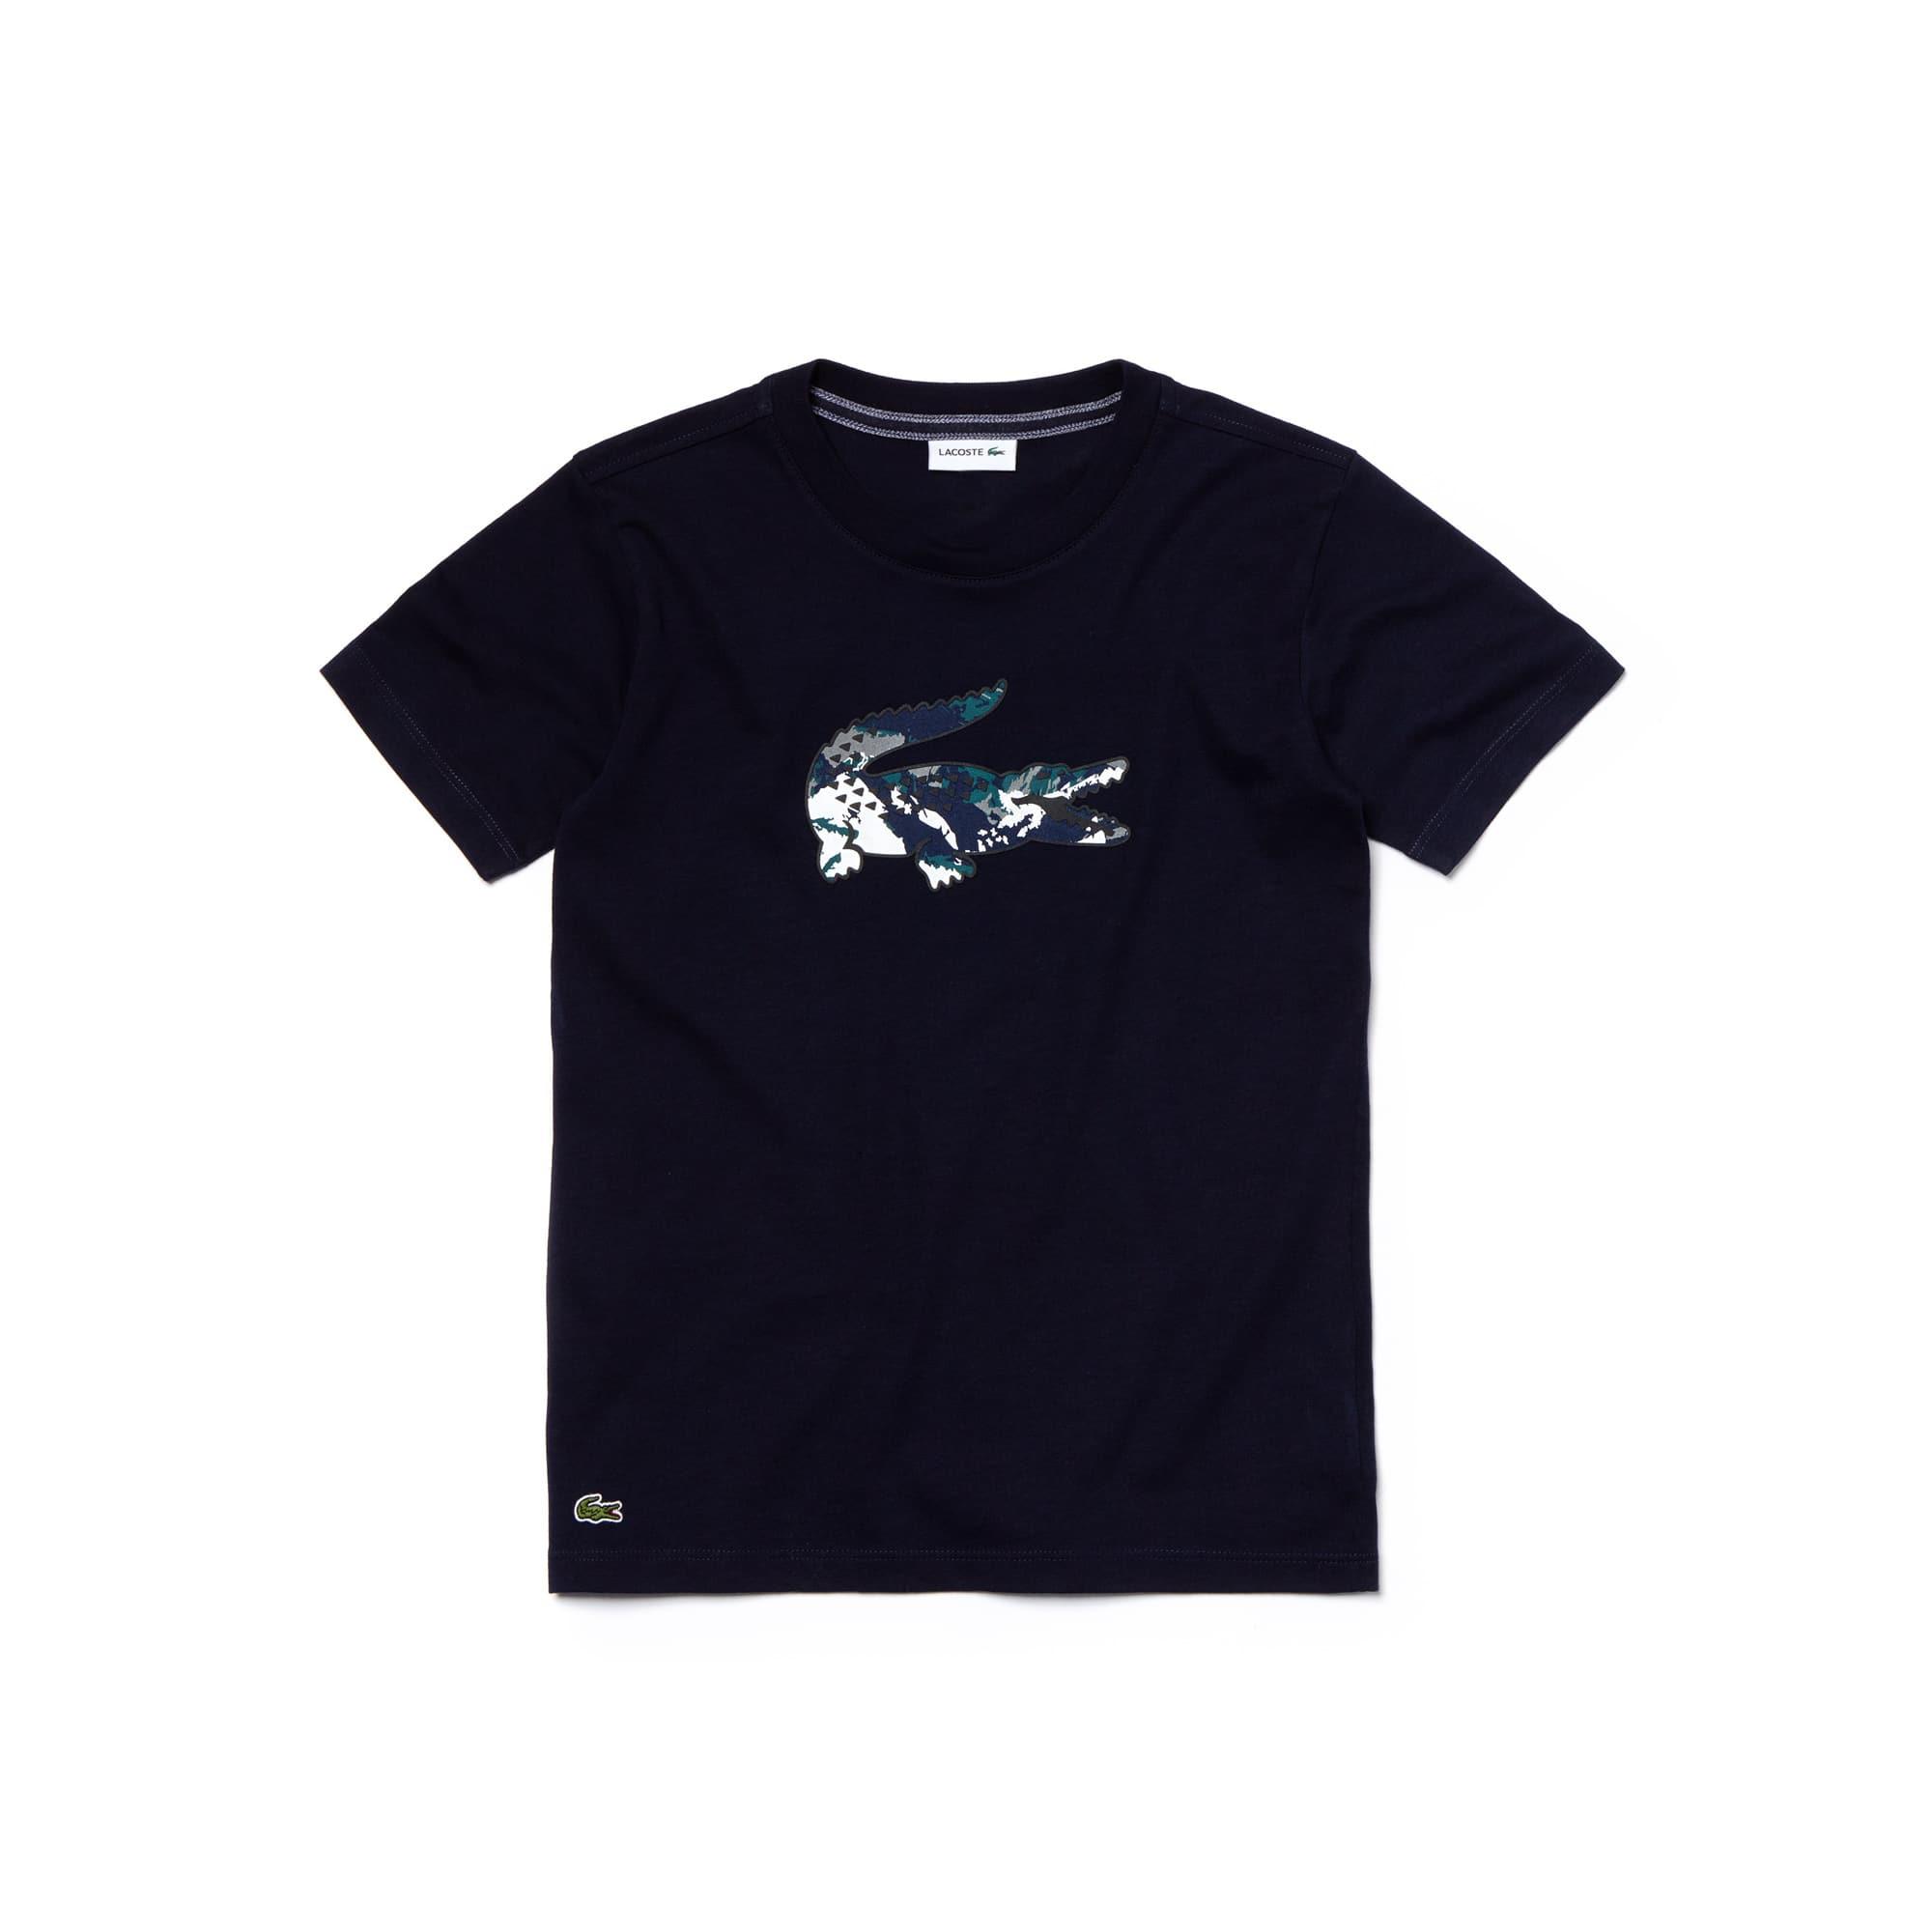 T-shirt Menino em jersey de algodão com crocodilo em tamanho grande